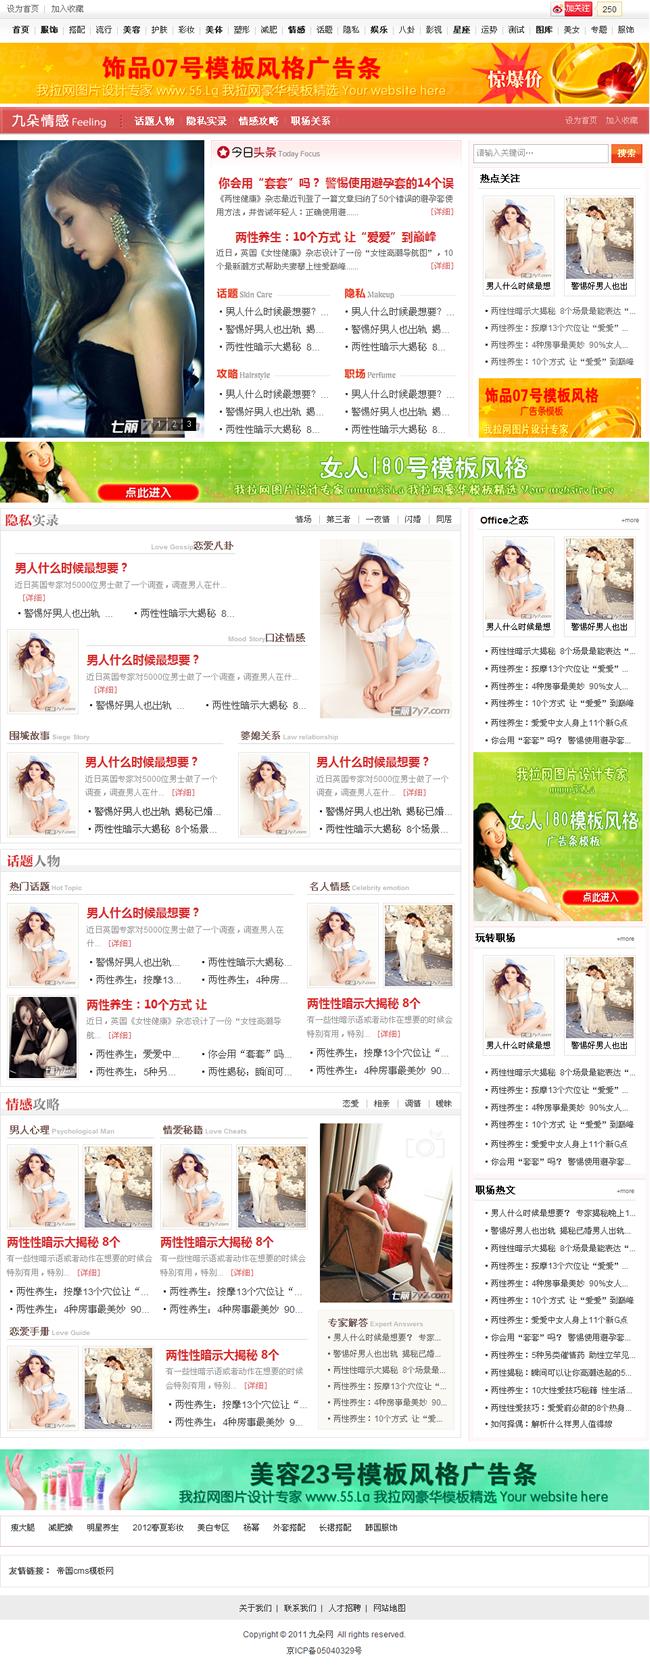 帝国cms大型女性女人门户网站程序源码模板_情感频道